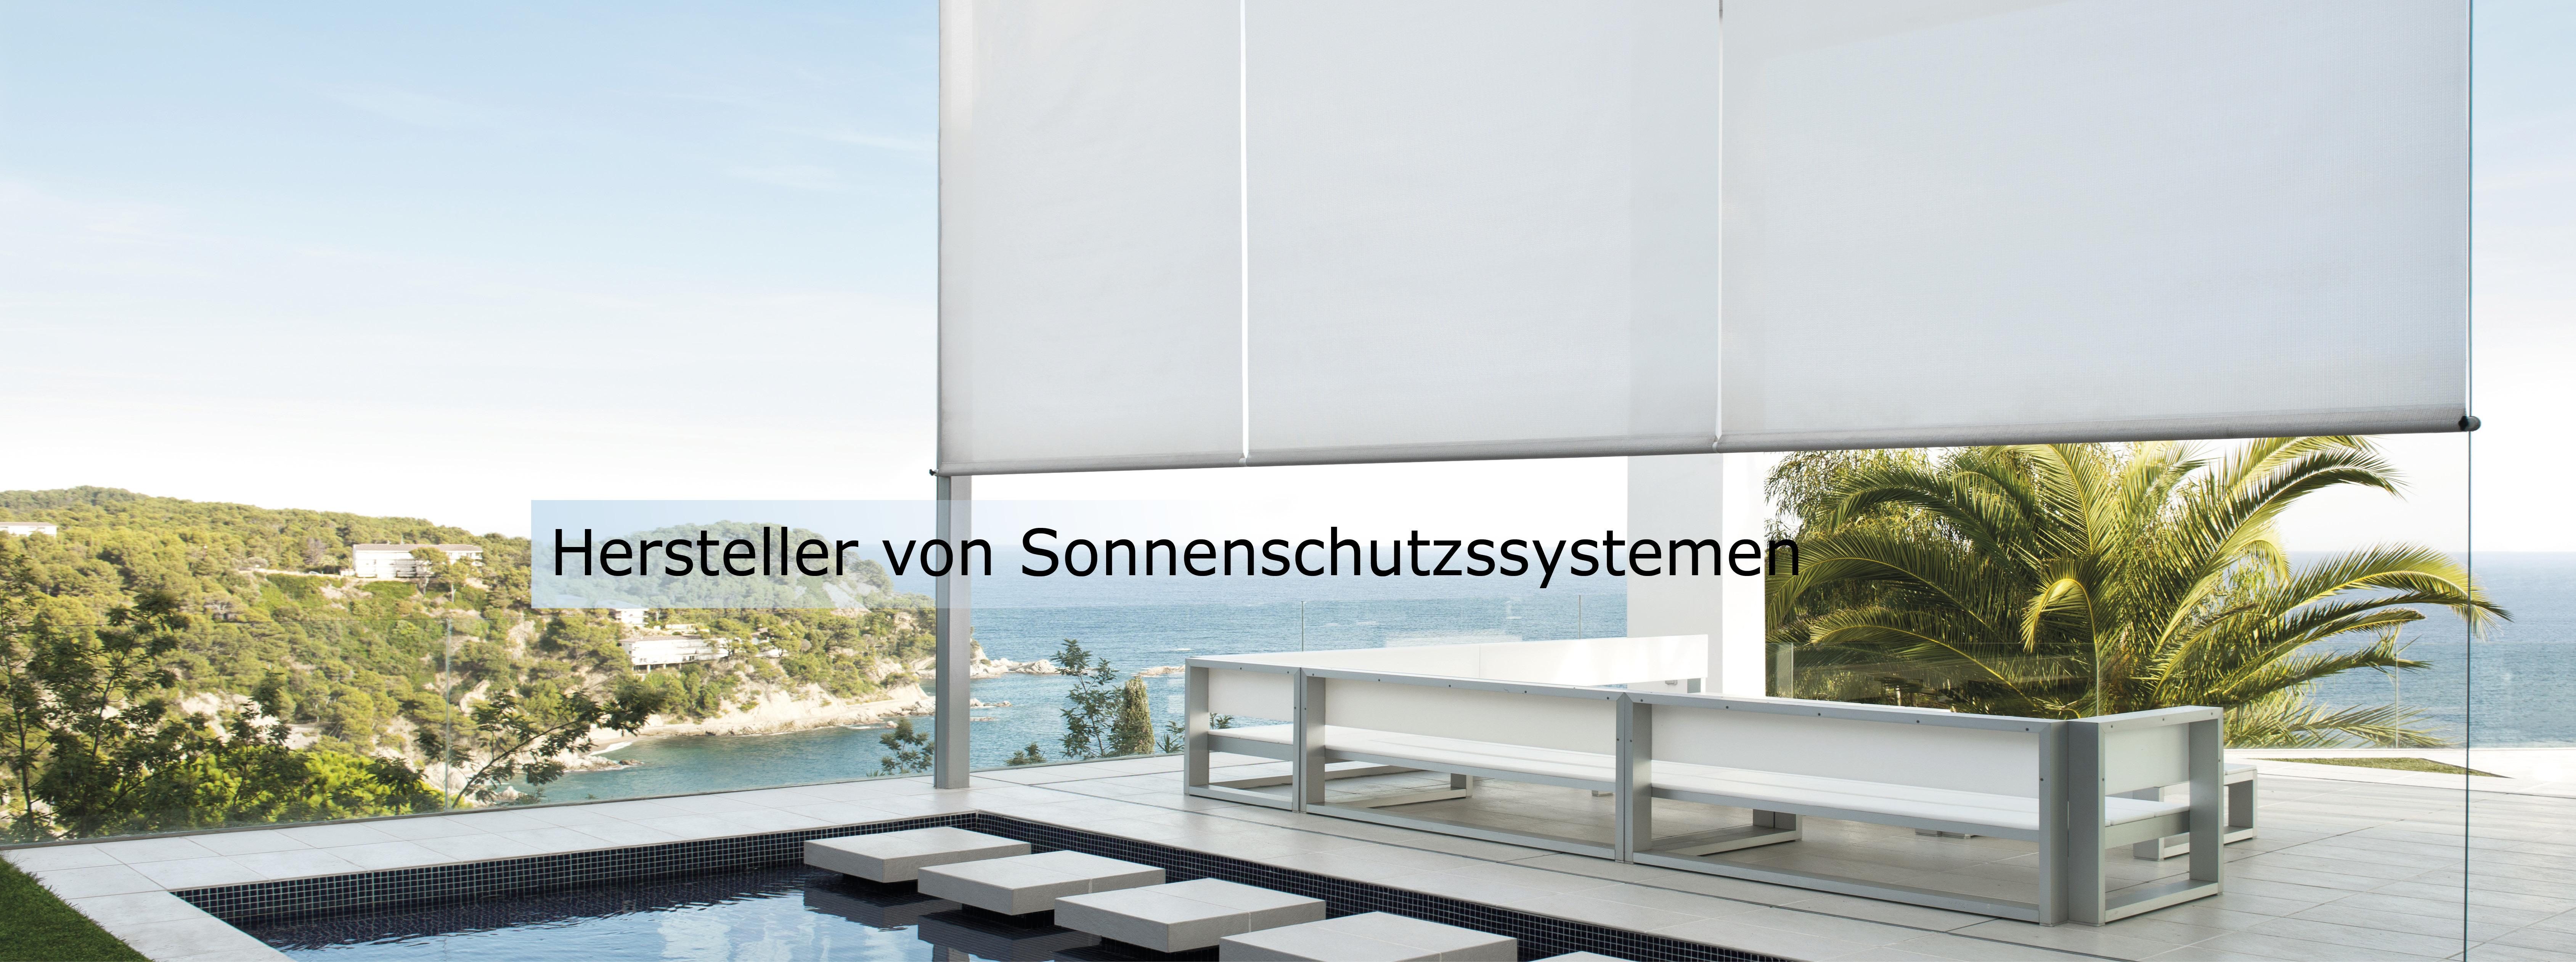 Hersteller von Sonnenschutzssystemen